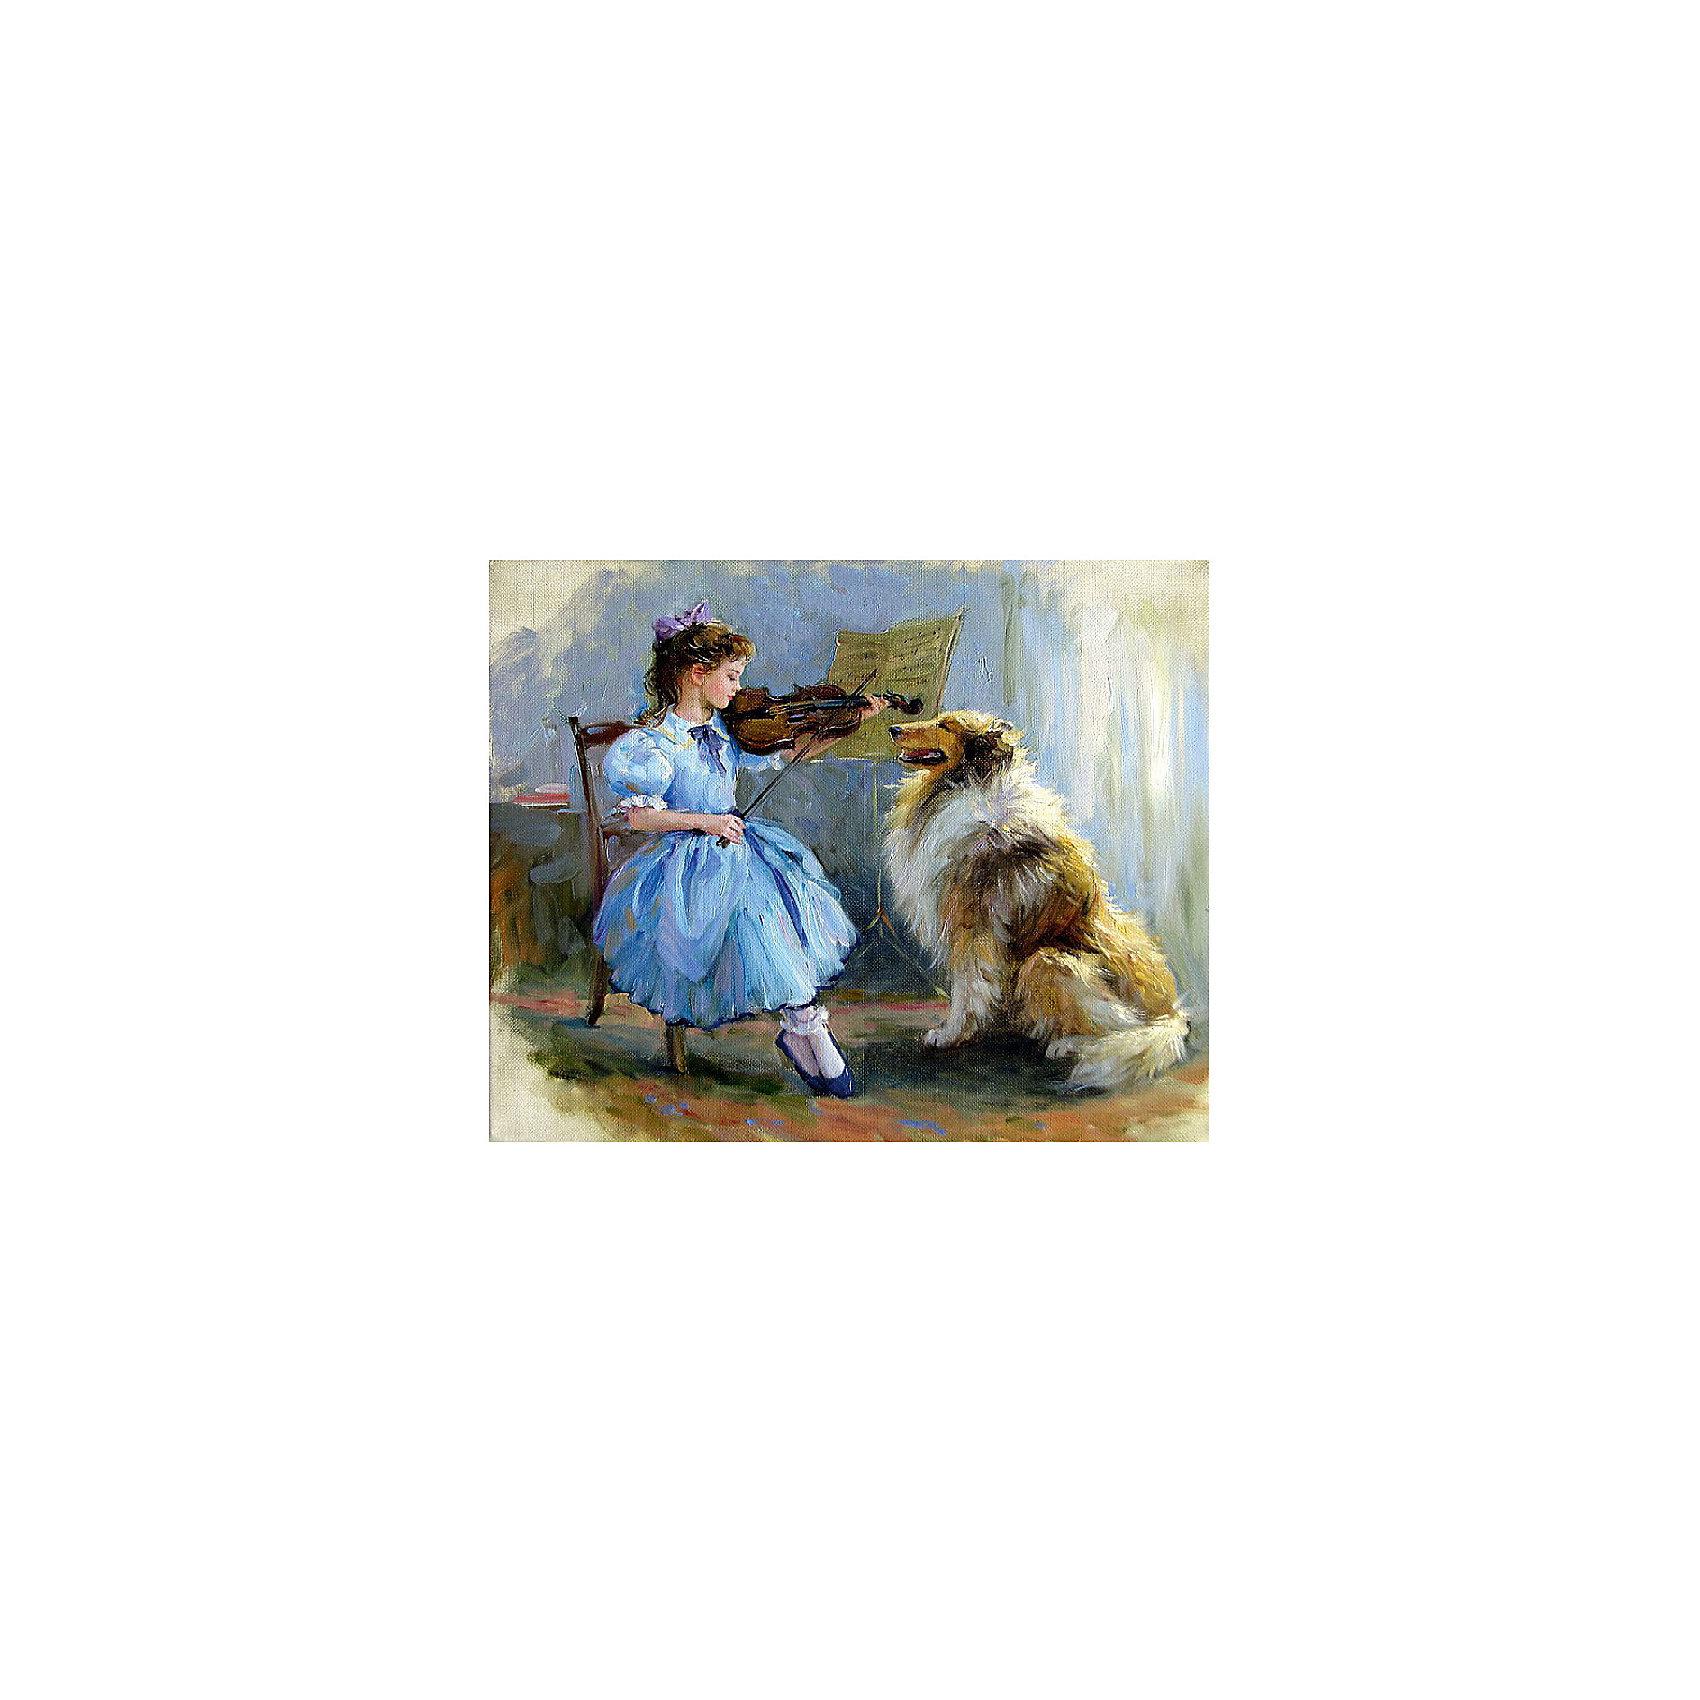 Картина по номерам К. Разумов: Благодарный слушатель, 40*50 смРисование<br>Картины с раскраской по номерам размером 40*50. На деревянном подрамнике, с прогрунтованным холстом и  нанесенными контурами картины, с указанием цвета закраски, акриловыми красками, 3 кисточками и креплением на стену. Уровень сложности, количество красок указаны на коробке.<br><br>Ширина мм: 500<br>Глубина мм: 400<br>Высота мм: 40<br>Вес г: 730<br>Возраст от месяцев: 108<br>Возраст до месяцев: 2147483647<br>Пол: Унисекс<br>Возраст: Детский<br>SKU: 5417706